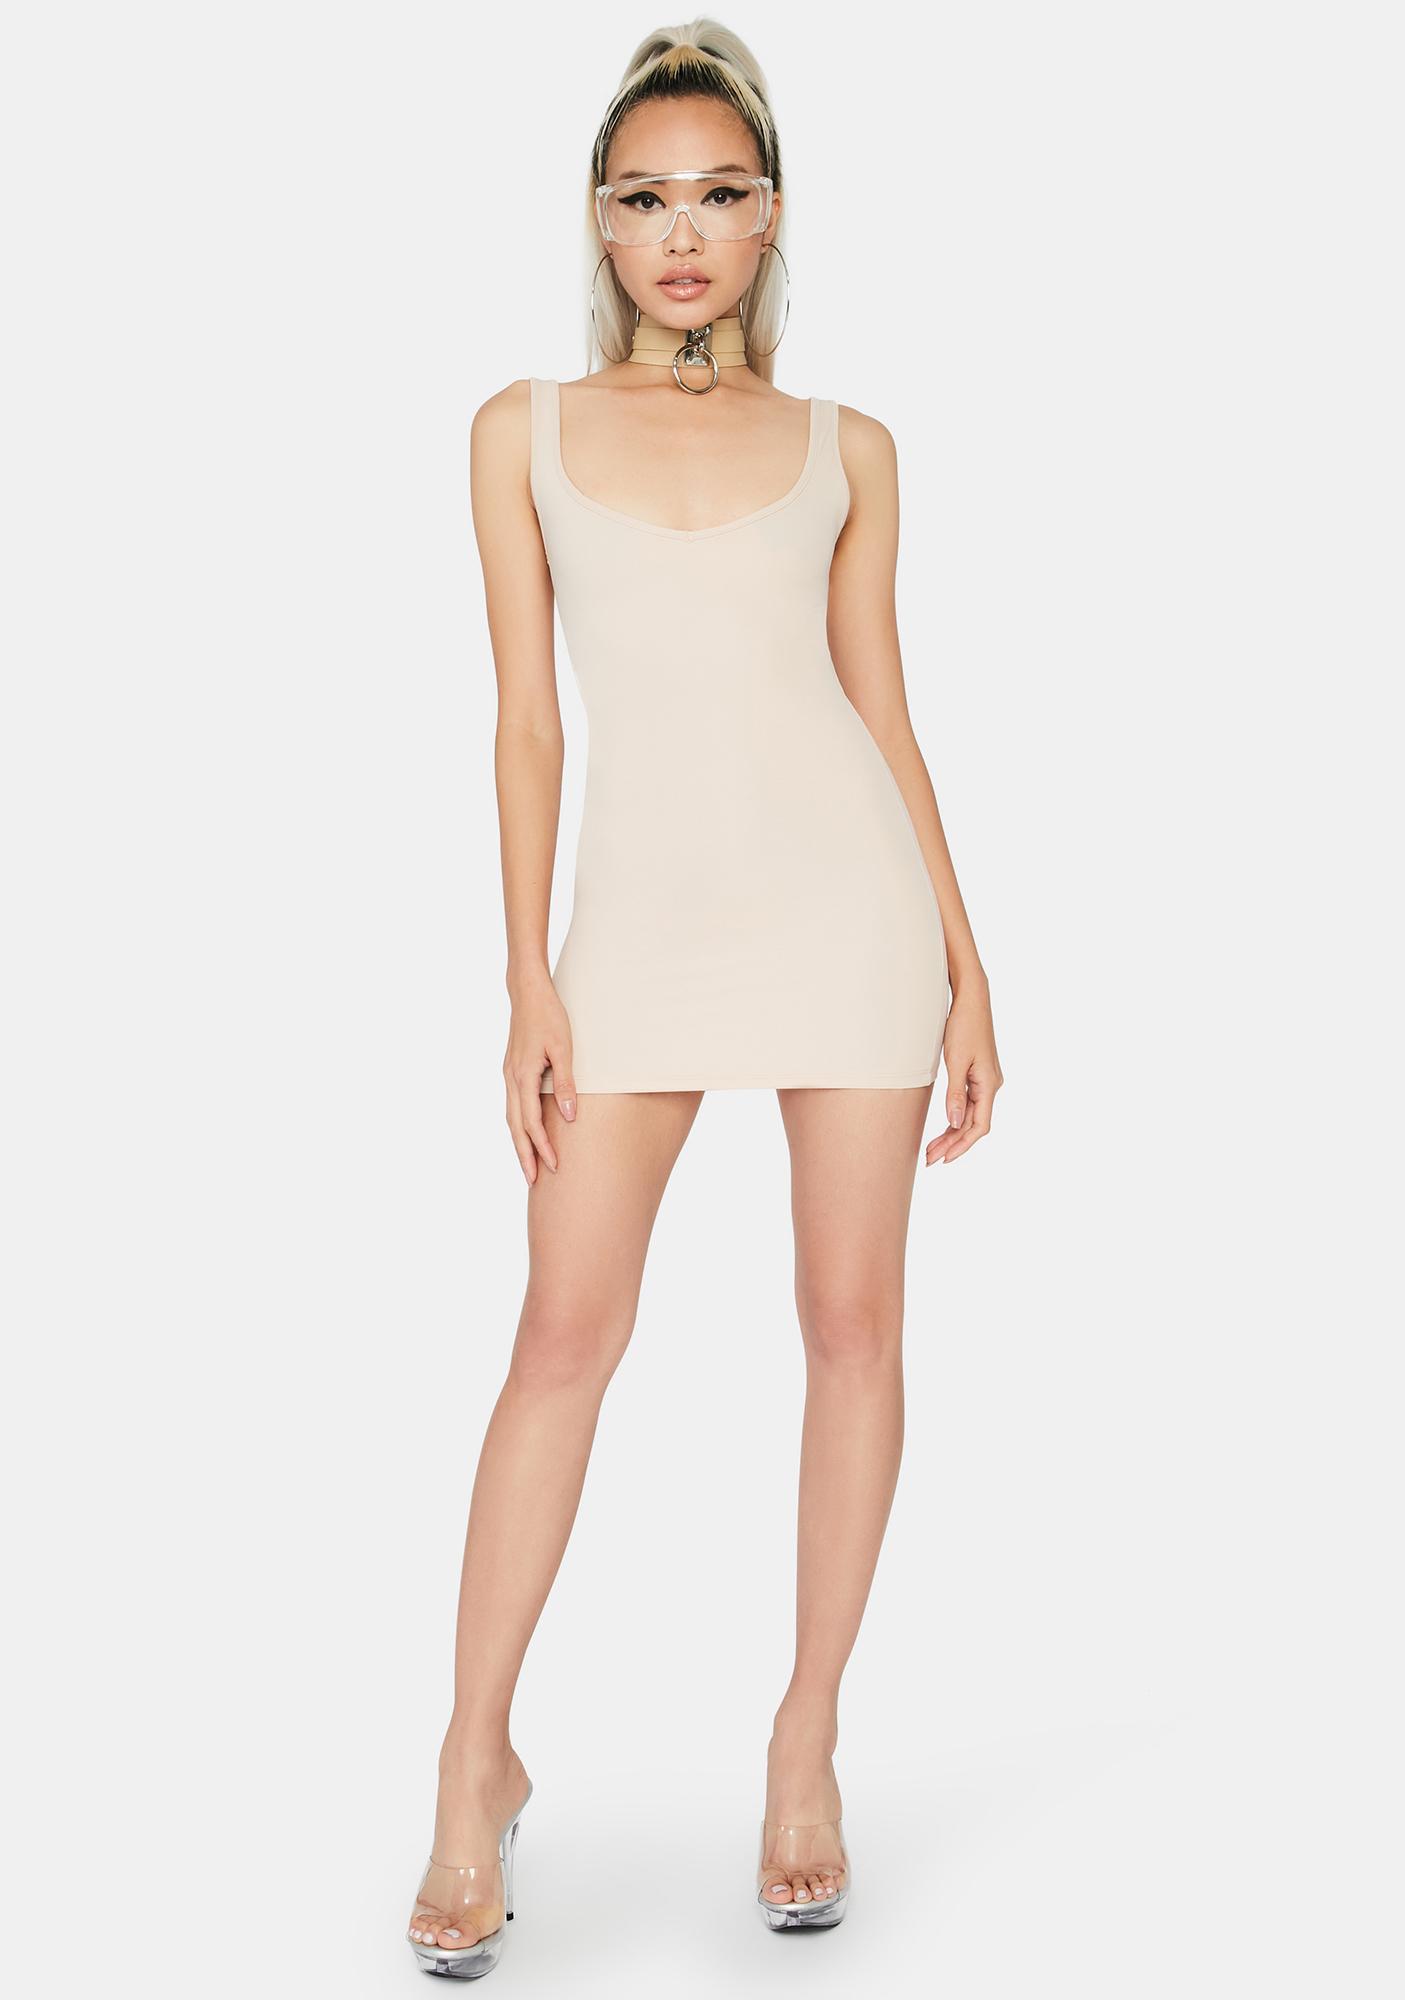 Kiki Riki Tan Boss Up Mini Dress